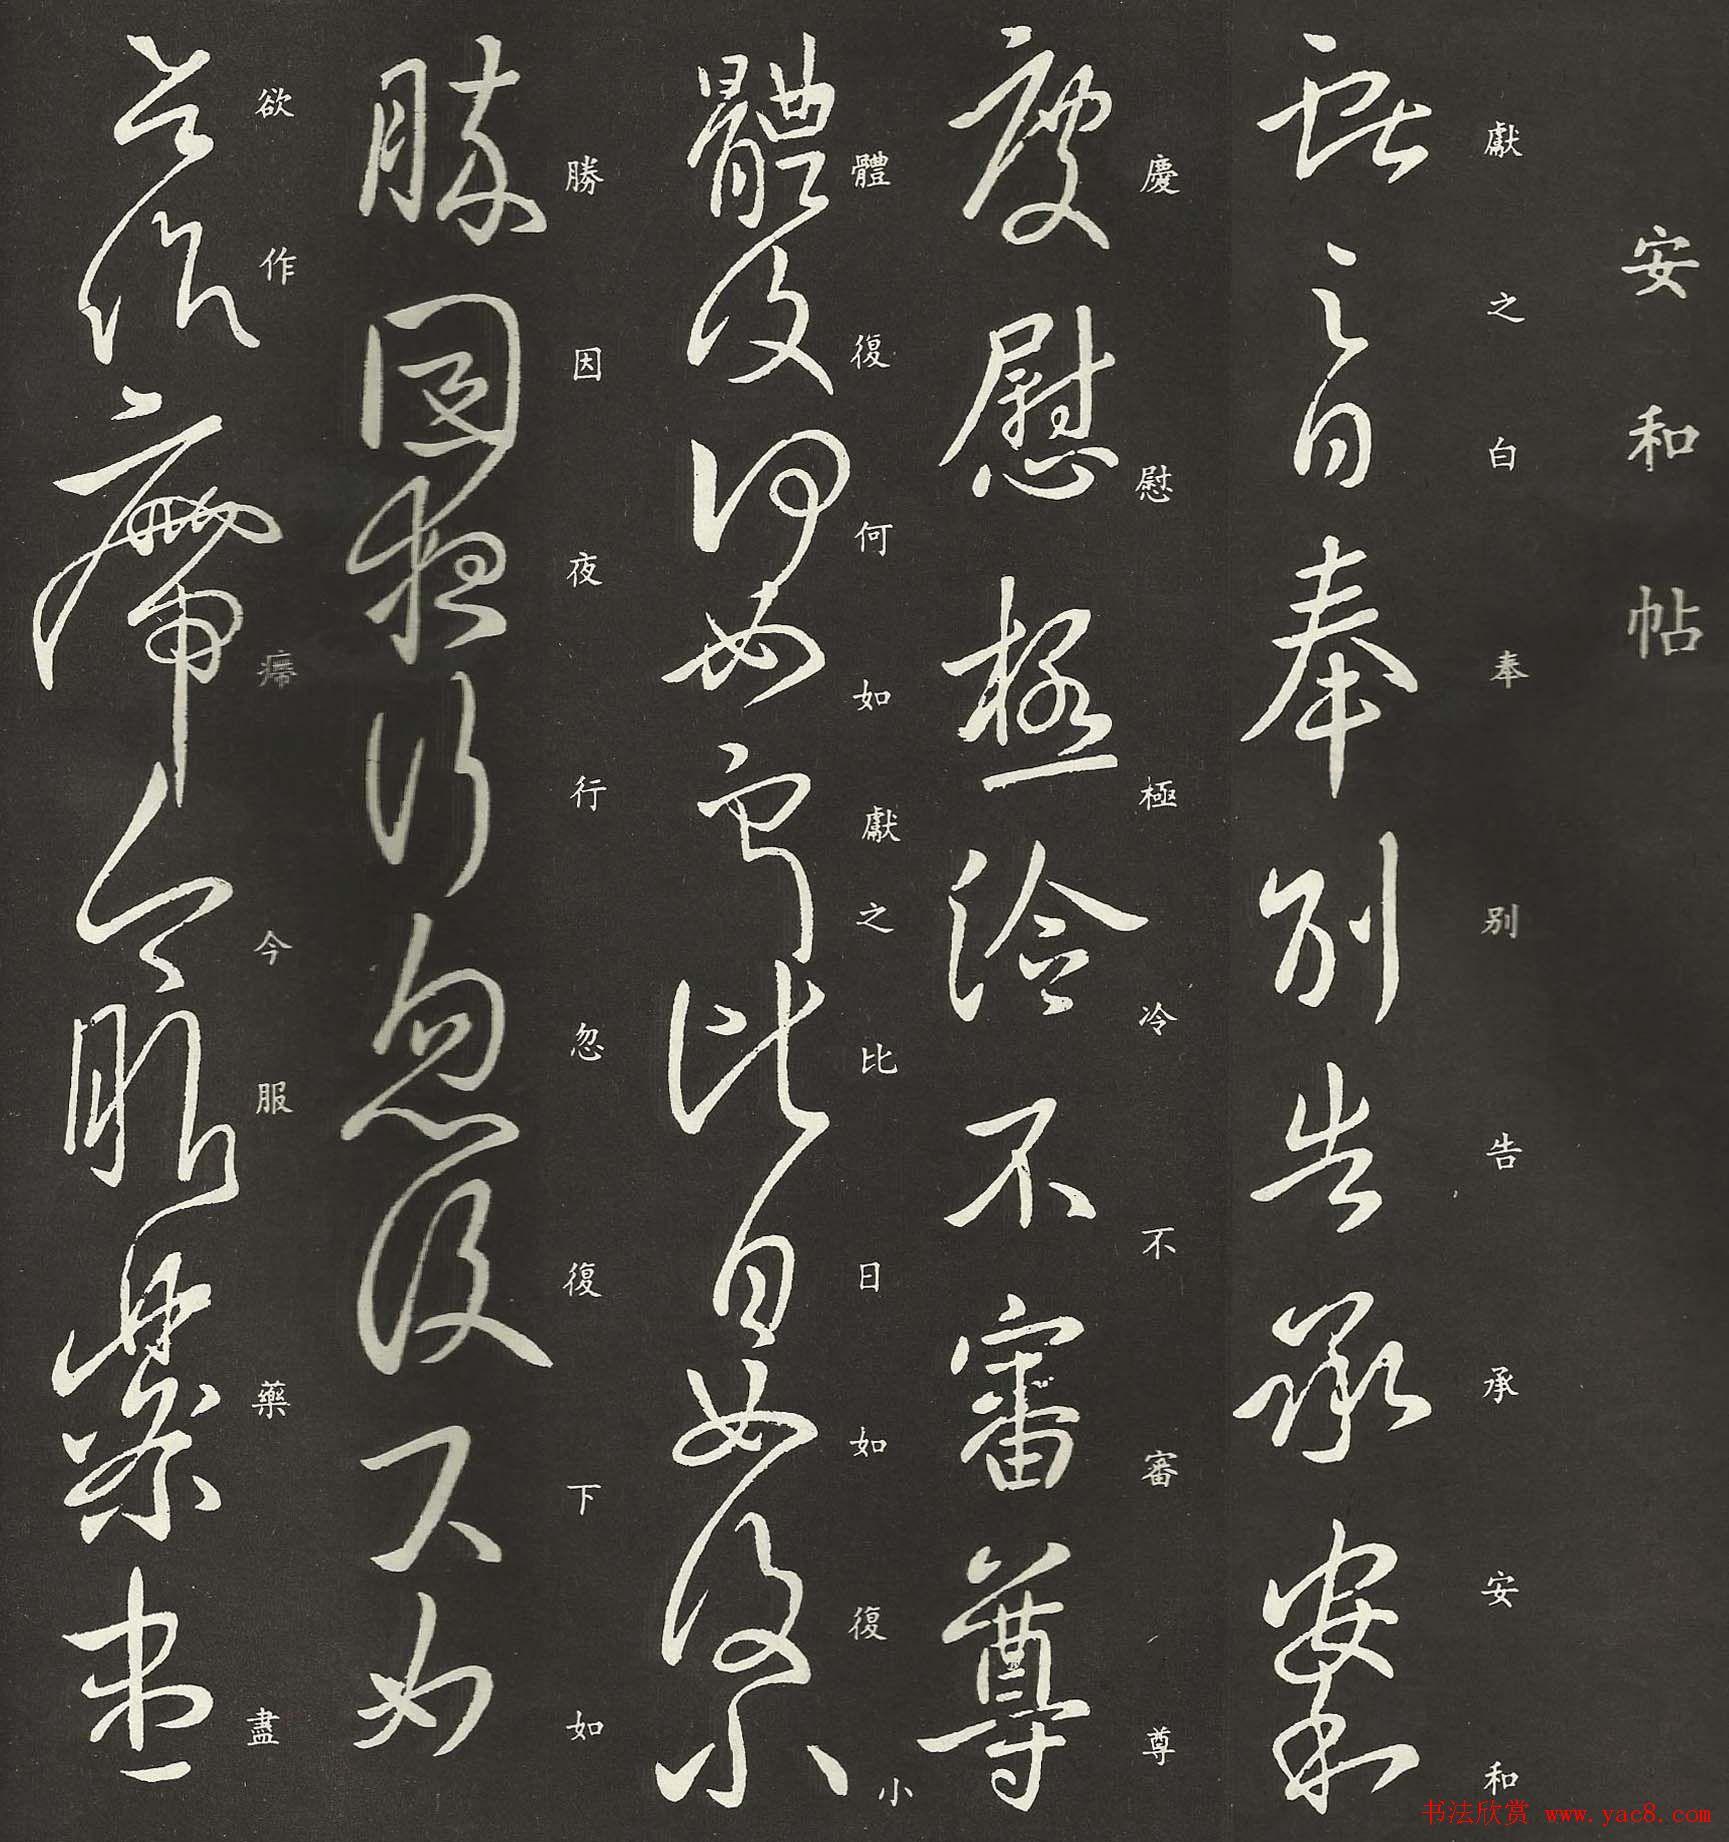 王献之行草书法欣赏《安和帖》拓本